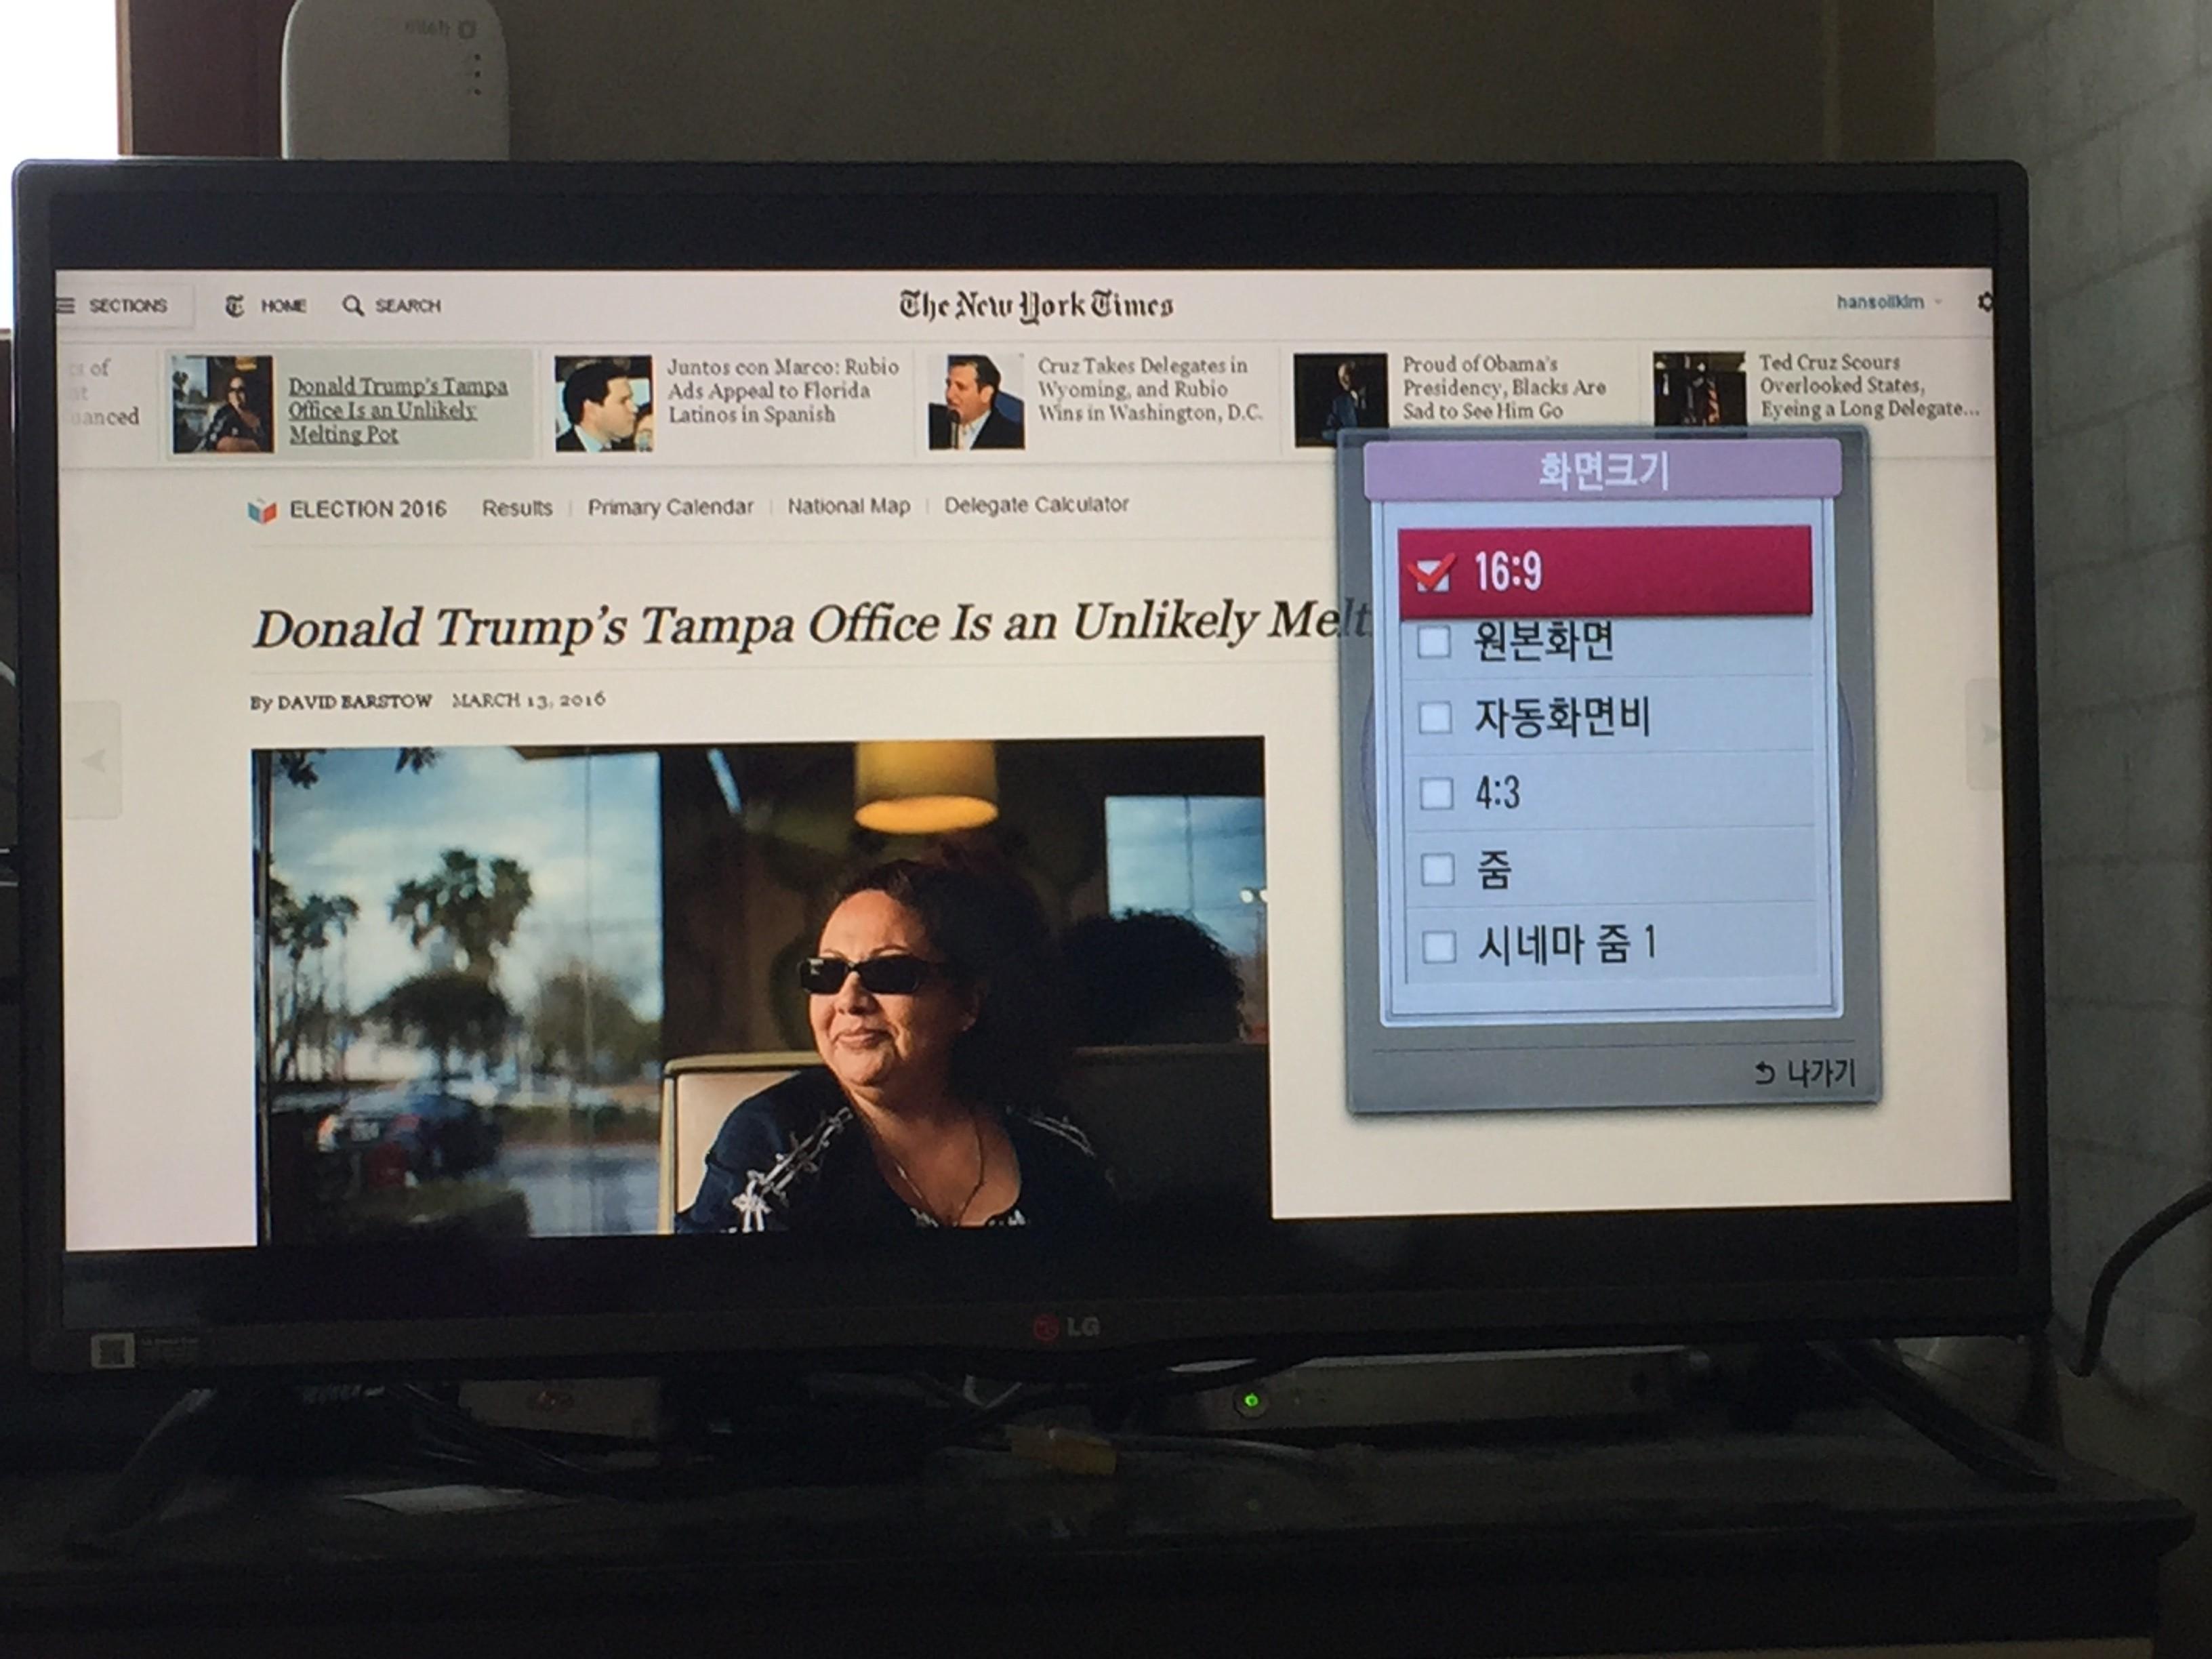 TV는 16:9 설정이 기본으로 설정되어 화면의 일부가 잘립니다.